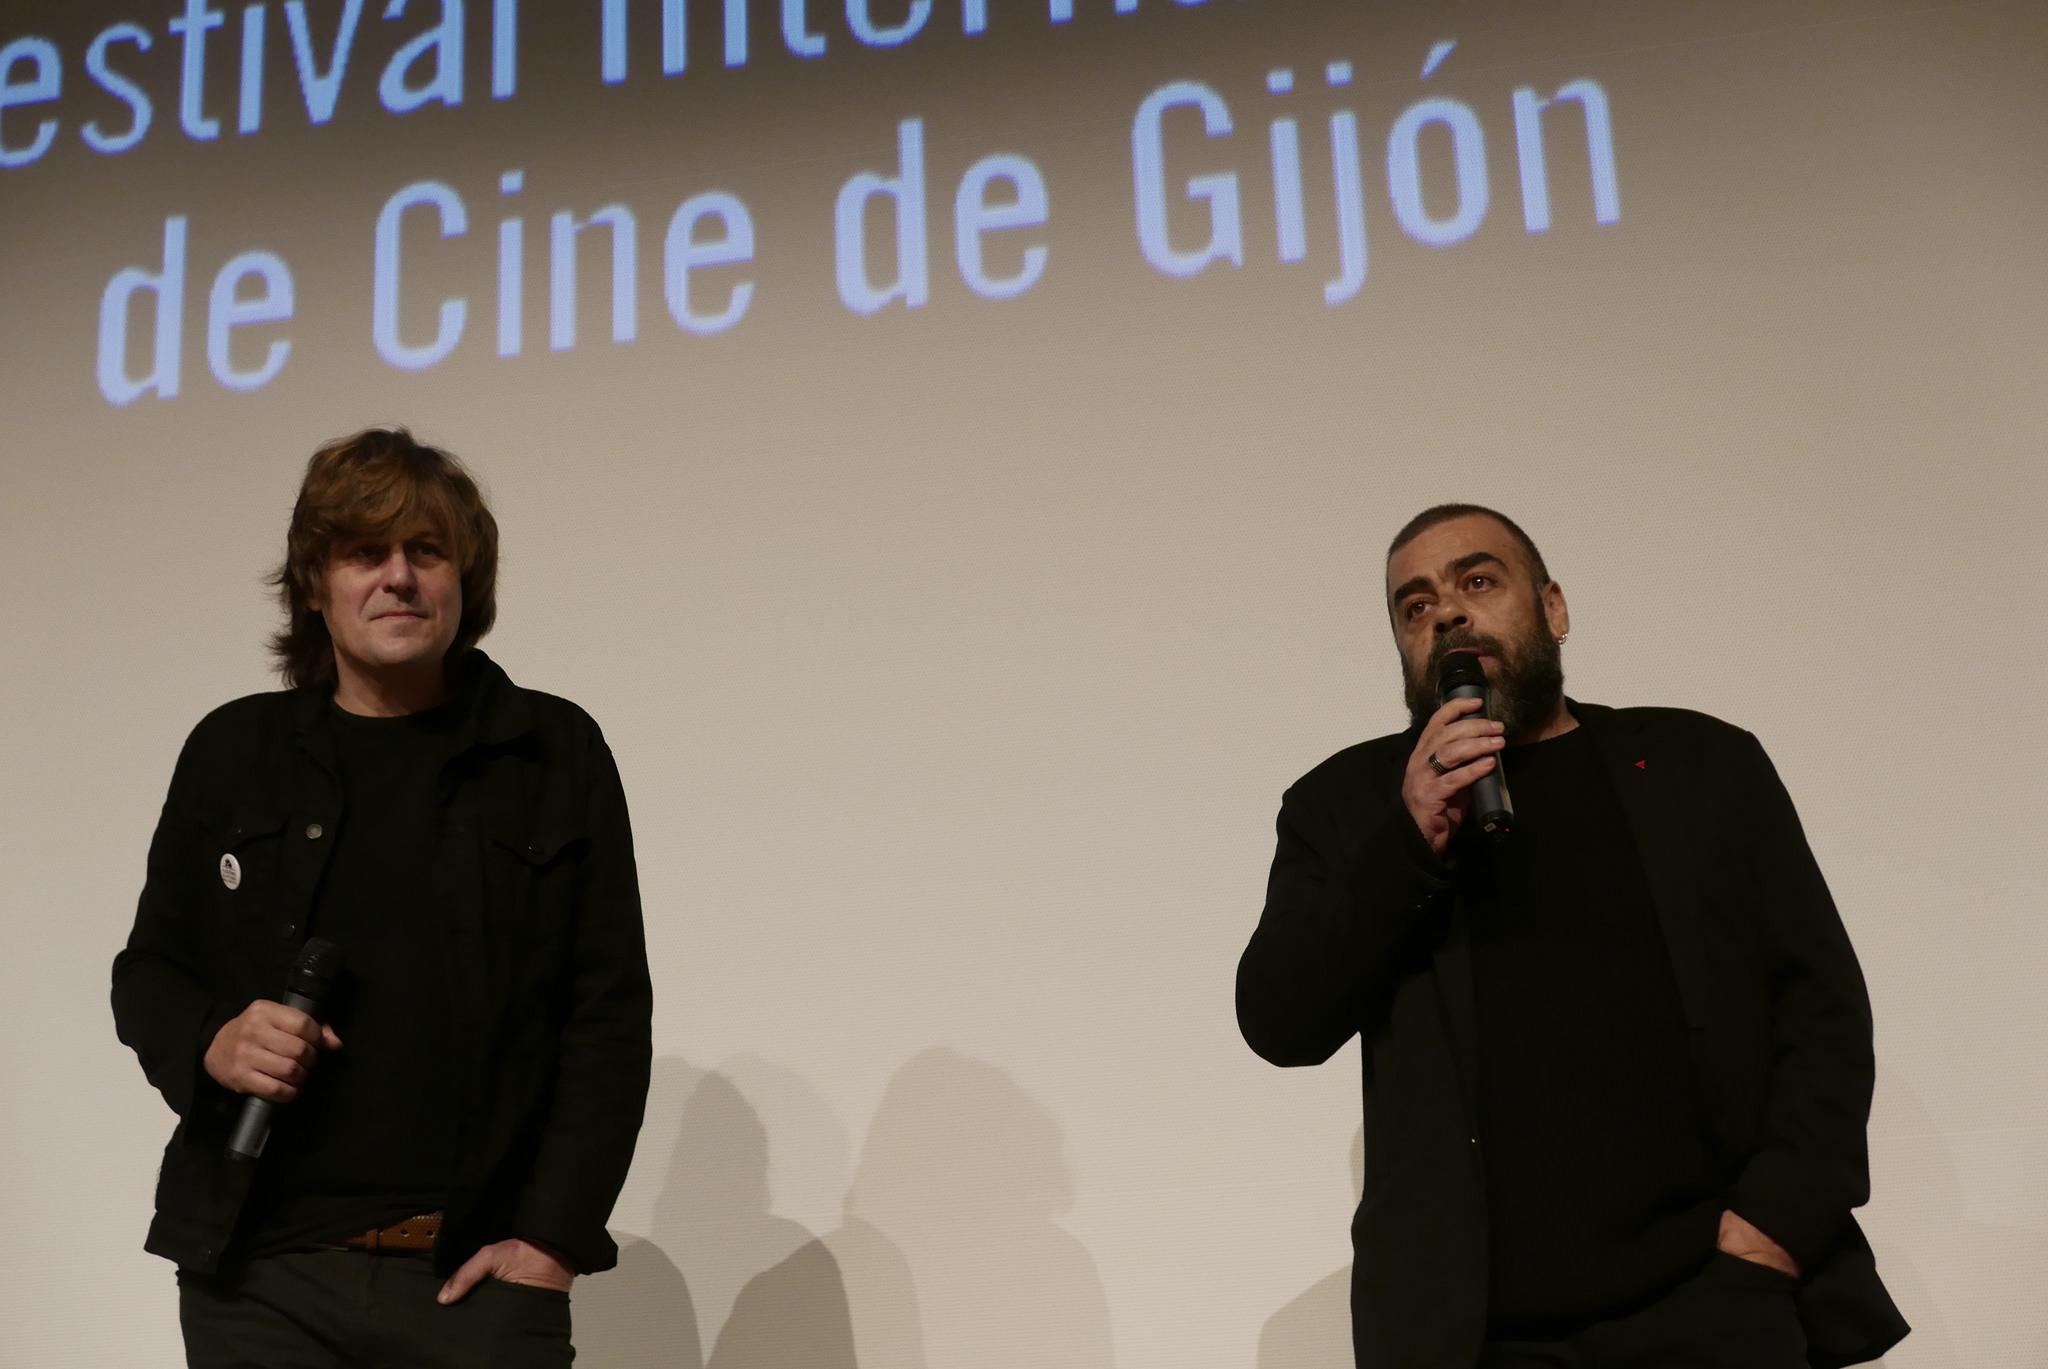 """Ramón Lluis Bande: """"Mi película es una celebración de la Revolución del 34 en Asturias"""""""